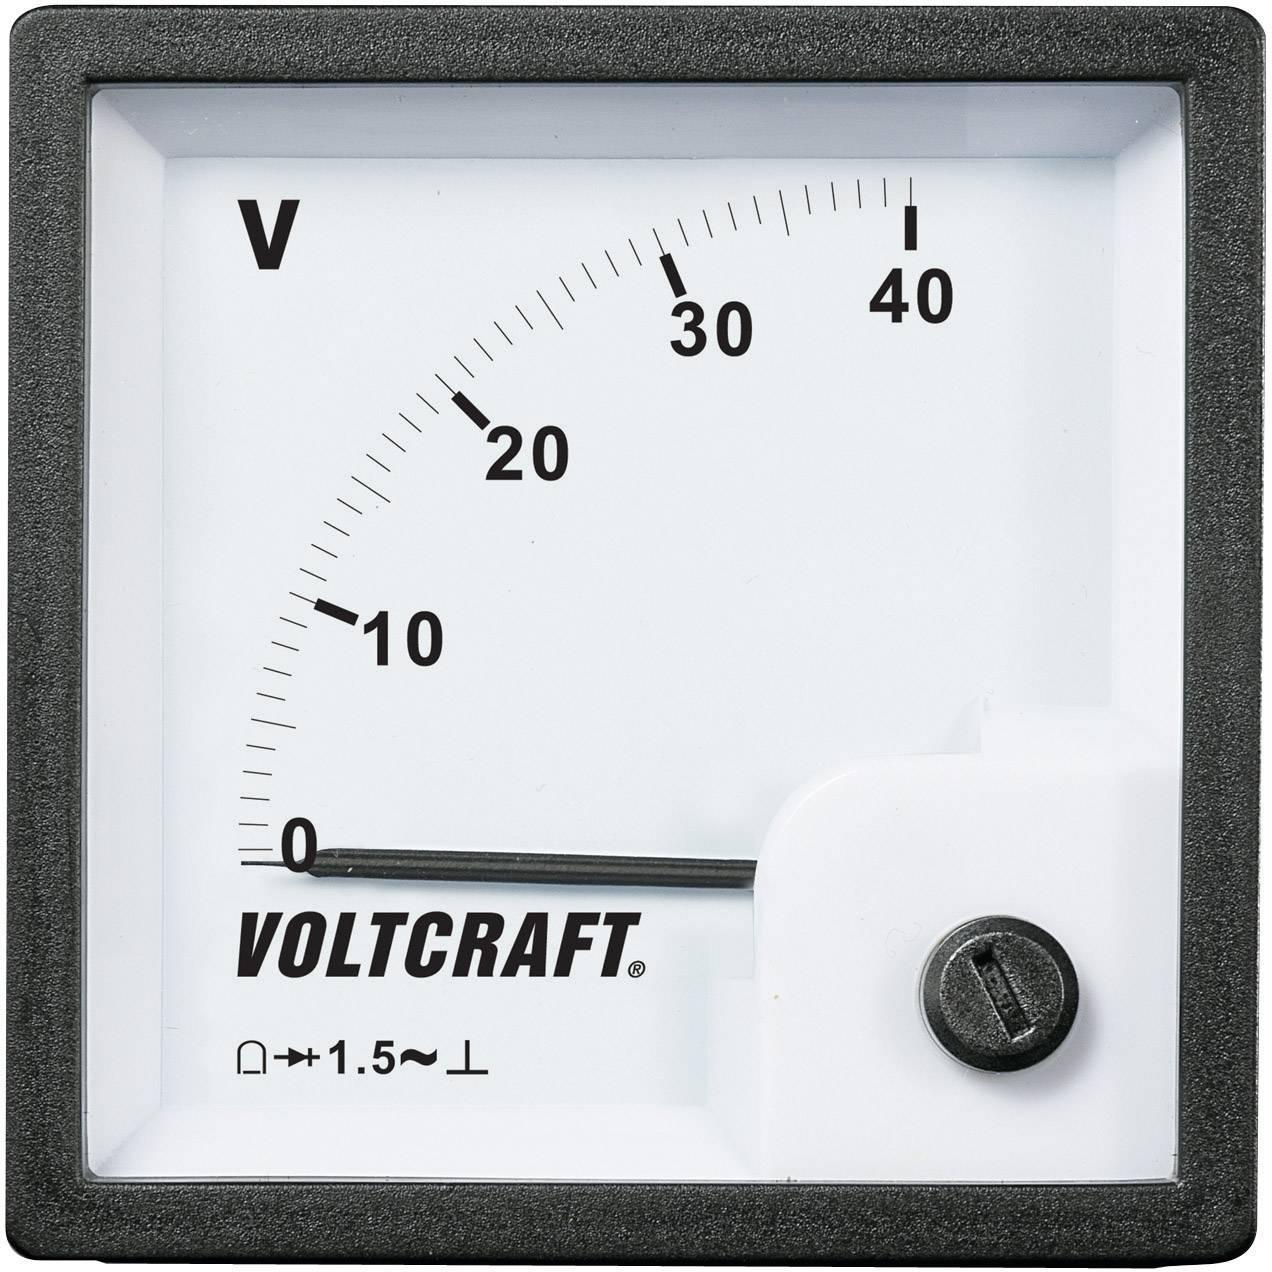 VOLTCRAFT AM-72x72/40V Analogni ugradbeni mjerni uređaj  40 V pomični svitak